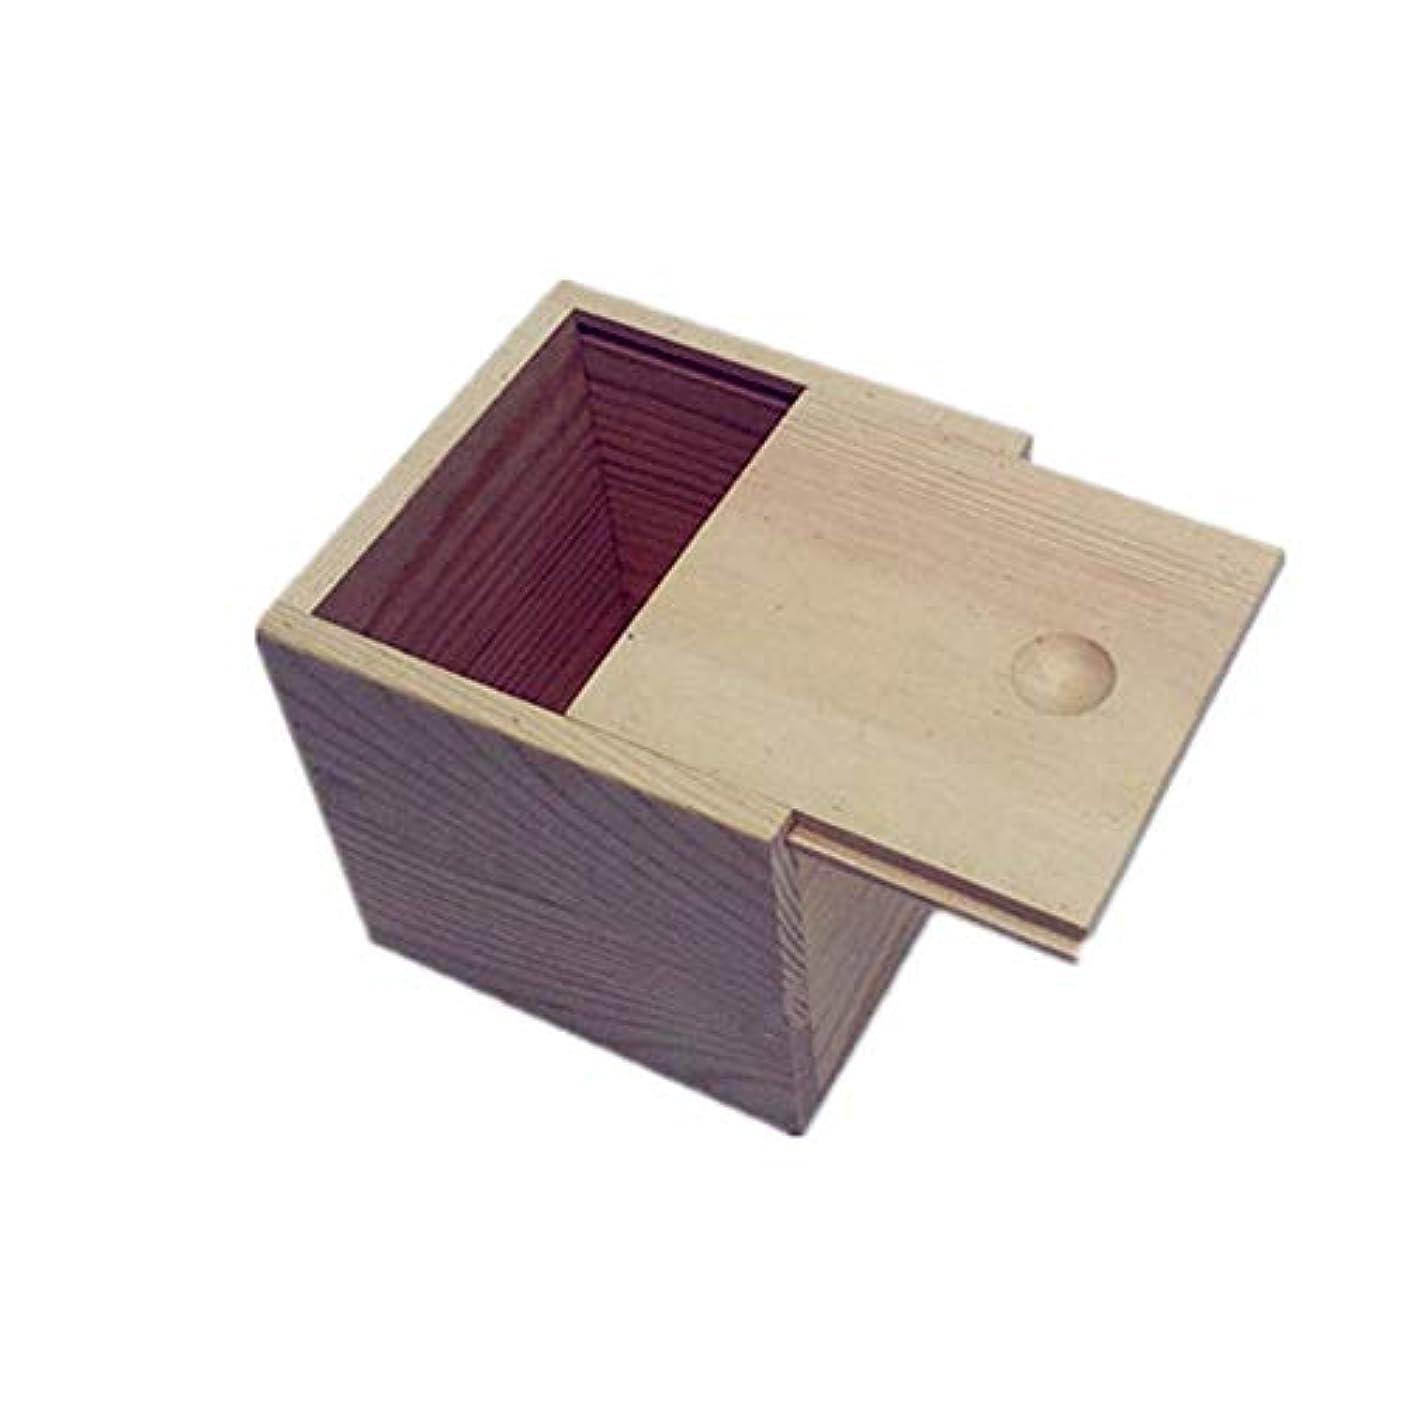 選出するアコード置き場木製のエッセンシャルオイルストレージボックス安全なスペースセーバーあなたの油を維持するためのベスト アロマセラピー製品 (色 : Natural, サイズ : 9X9X5CM)